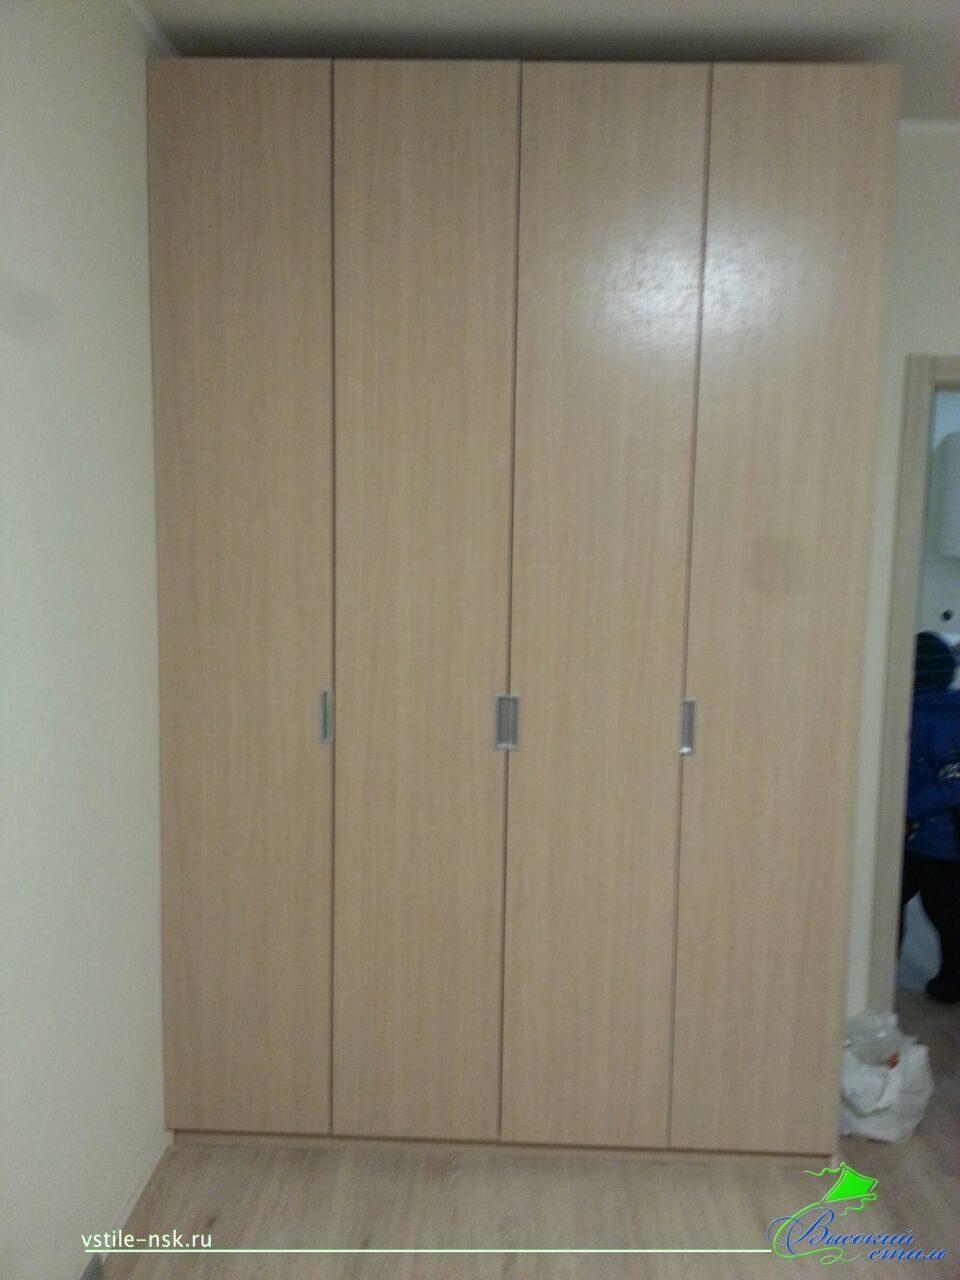 Шкаф с распашными дверями (врезные ручки) некоторые примеры .